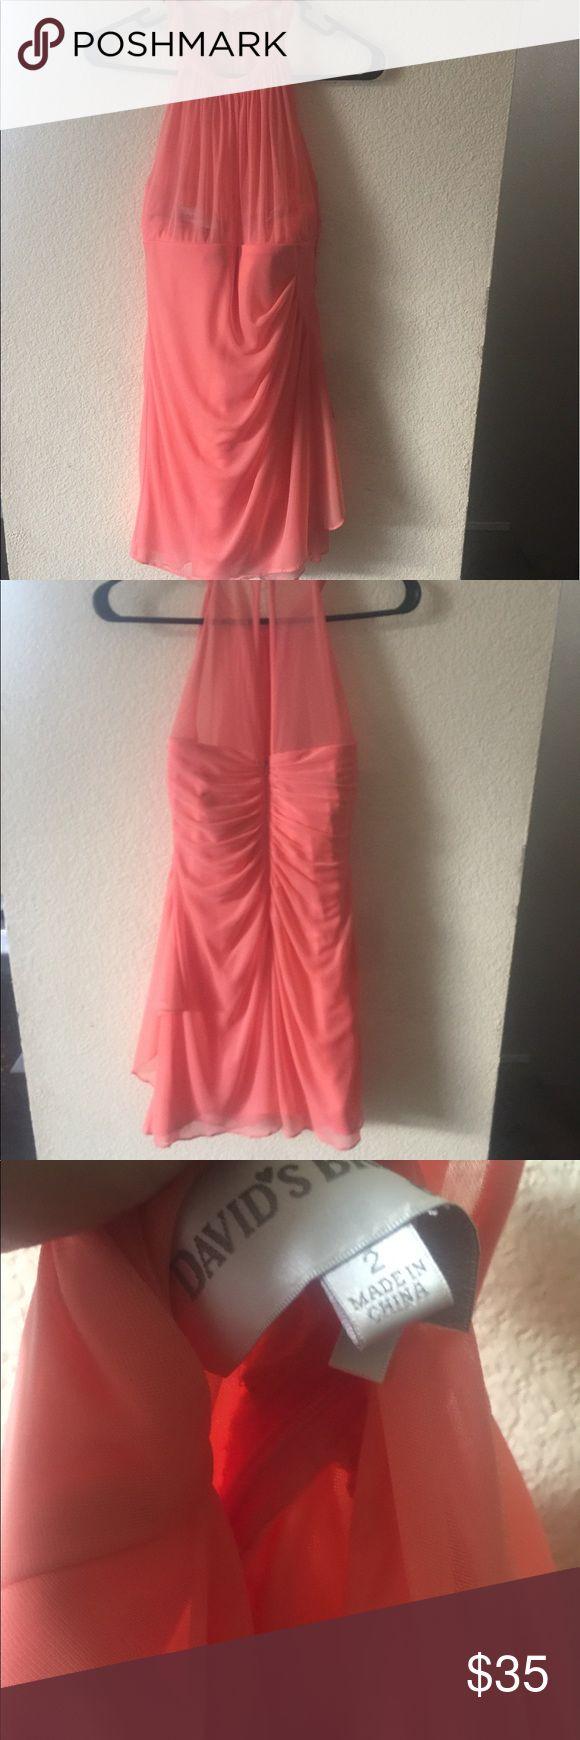 David bridal dress size 2 David's bridal coral dress size 2 worn once davids bridal Dresses